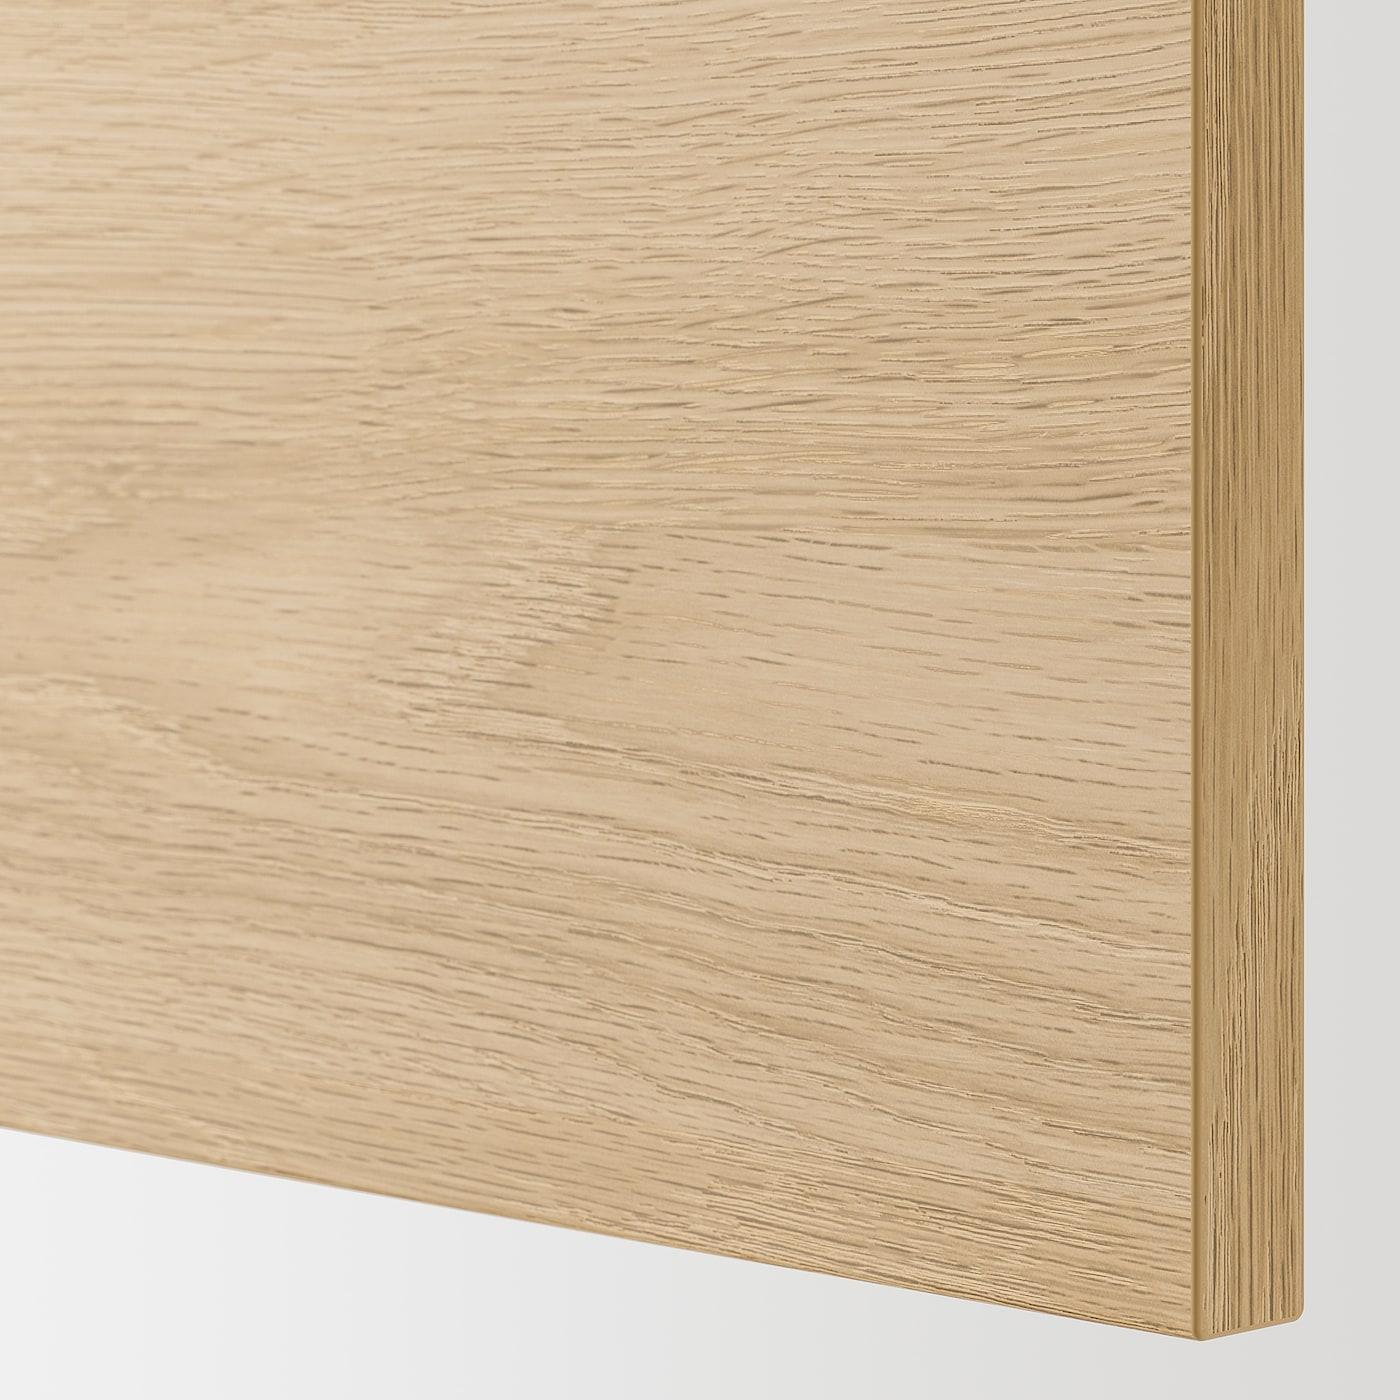 ENHET مطبخ, فحمي/شكل السنديان, 183x63.5x222 سم